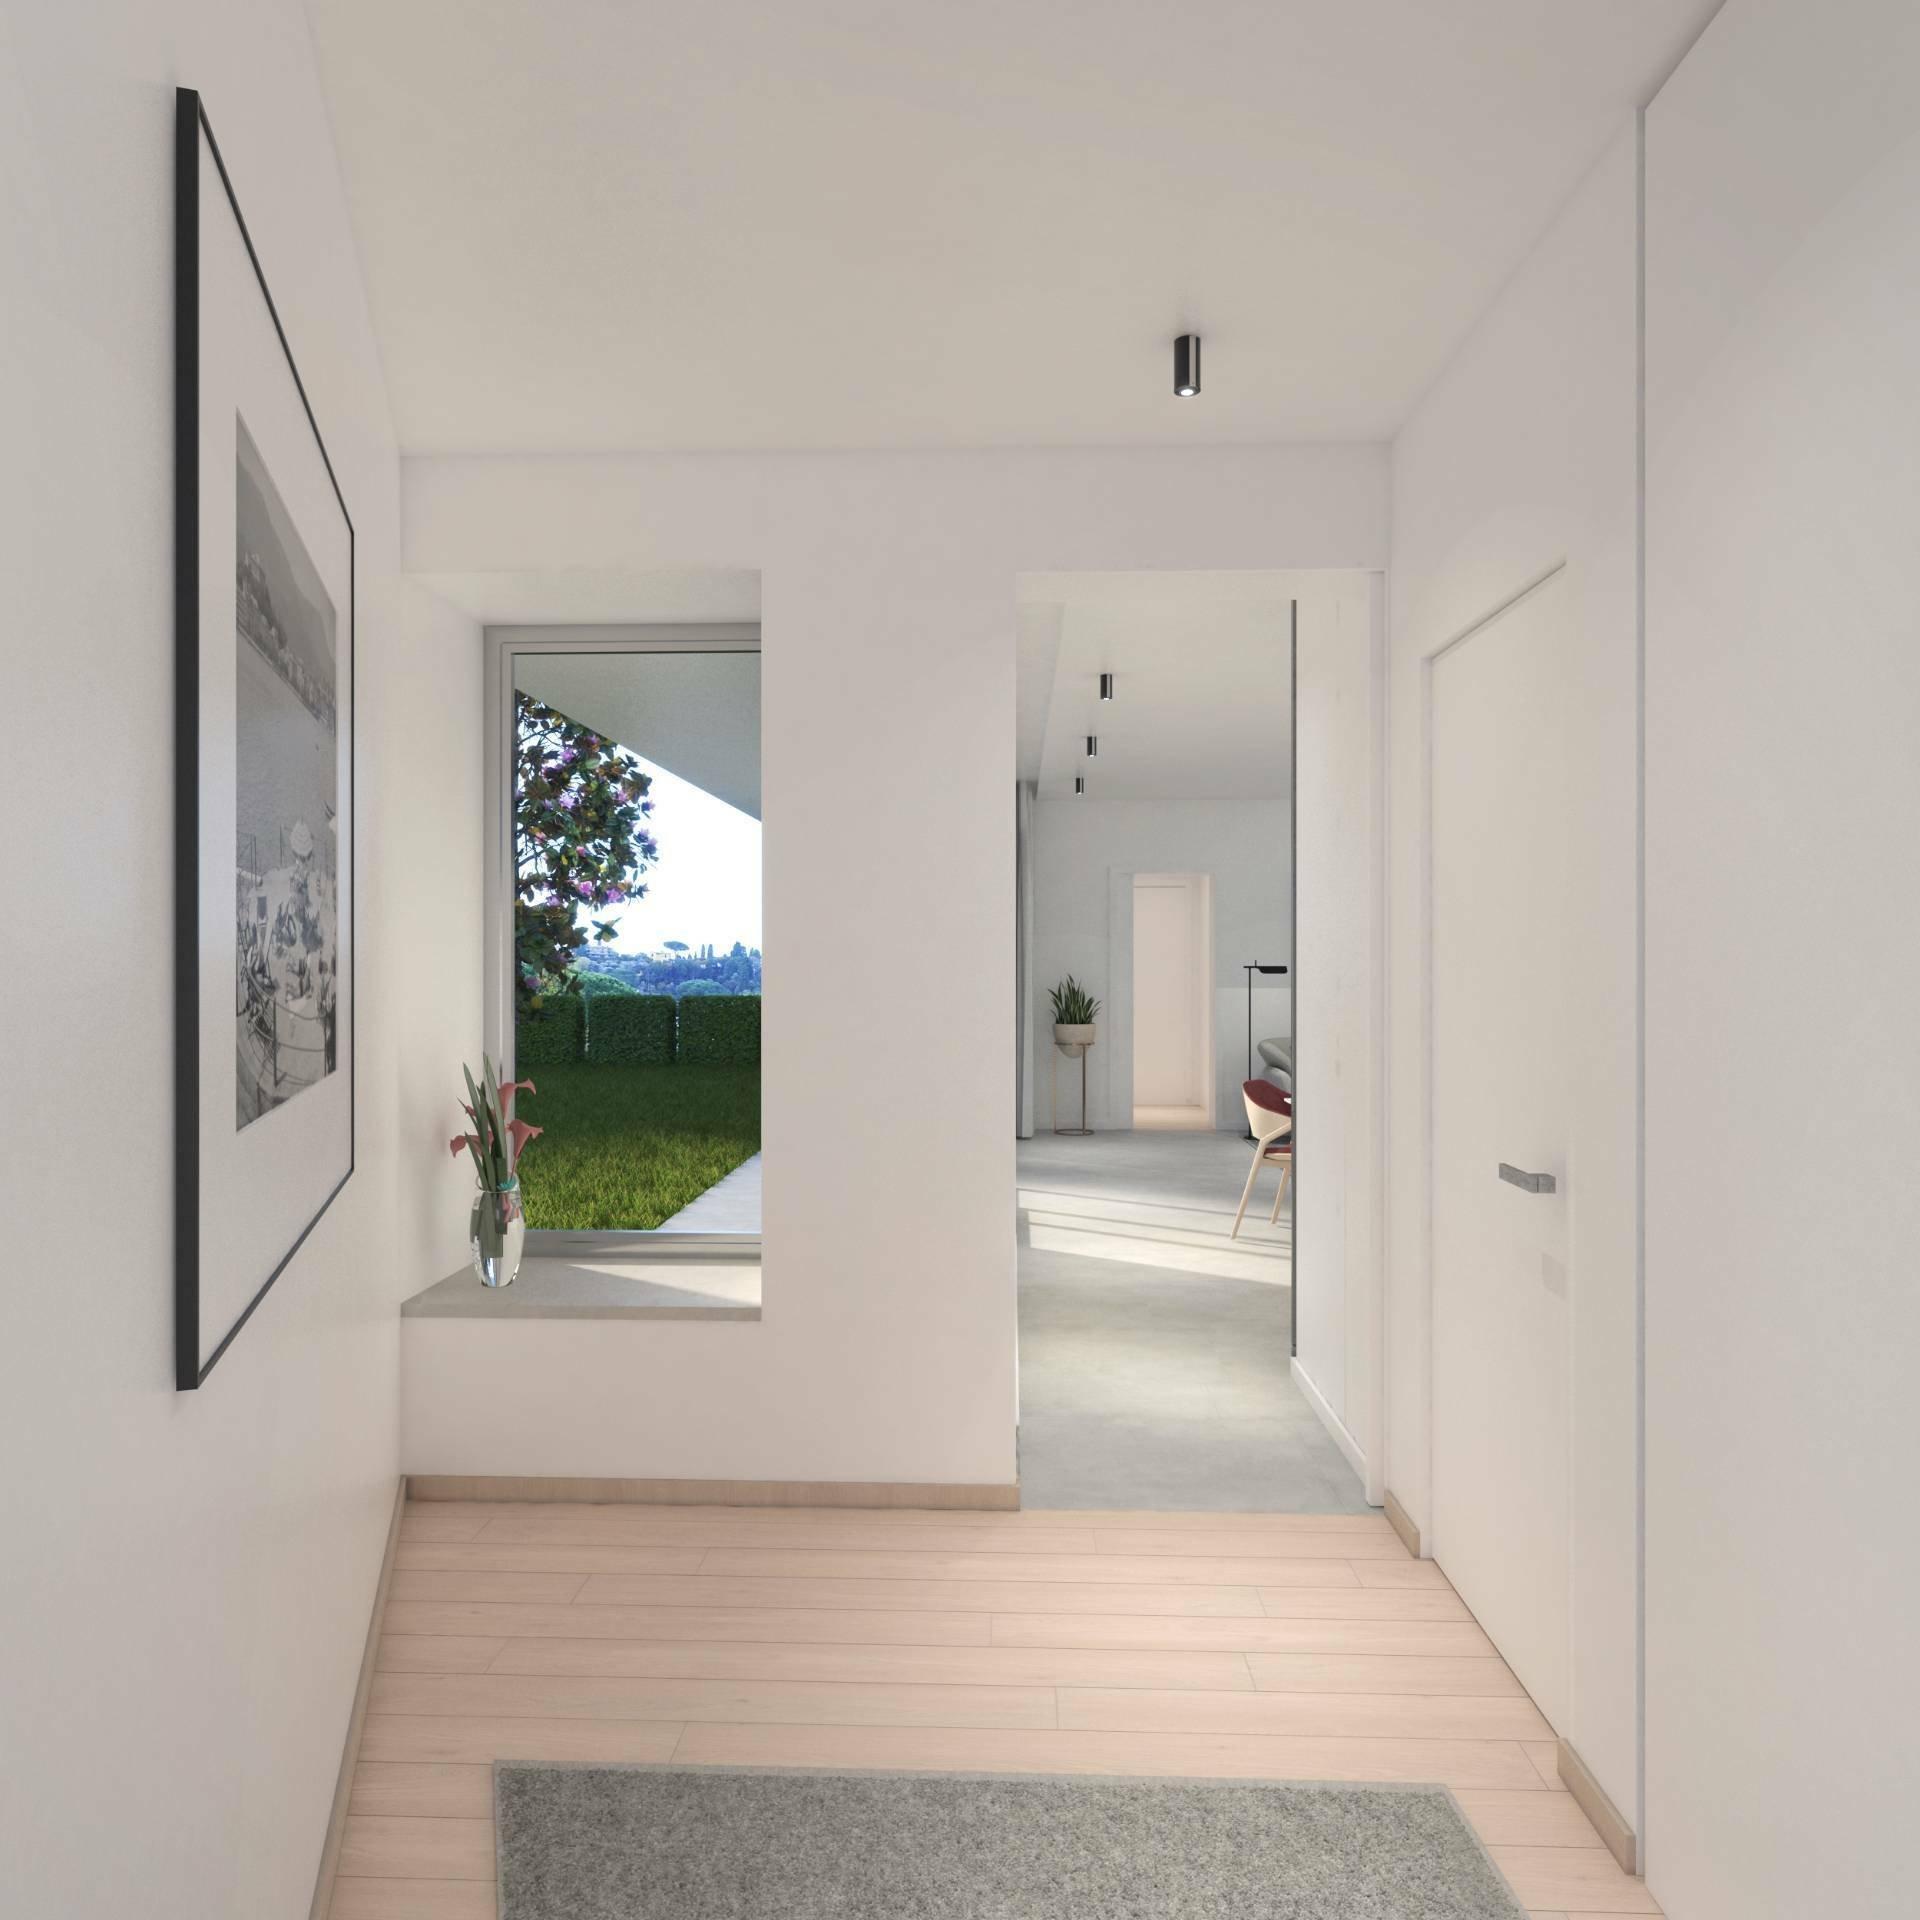 Апартаменты в Santa Margherita Ligure, Лигурия, Италия 1 - 11488128